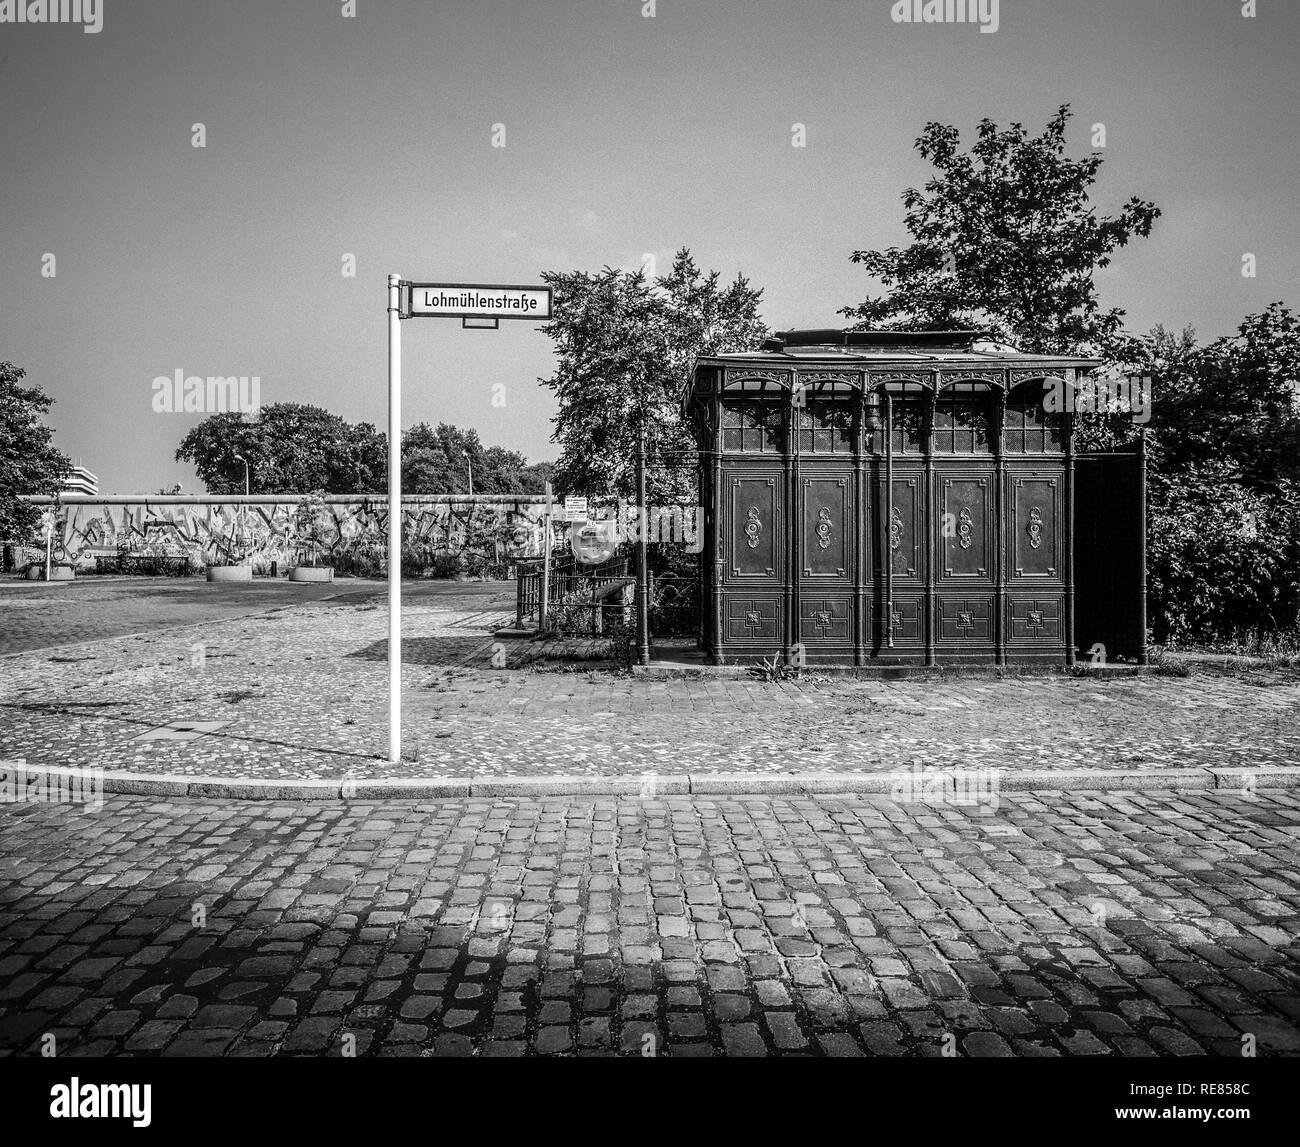 Agosto 1986, antica wc pubblico 1899, il muro di Berlino graffitis, Lohmühlenstrasse strada segno, Treptow, Berlino Ovest lato, Germania, Europa Immagini Stock